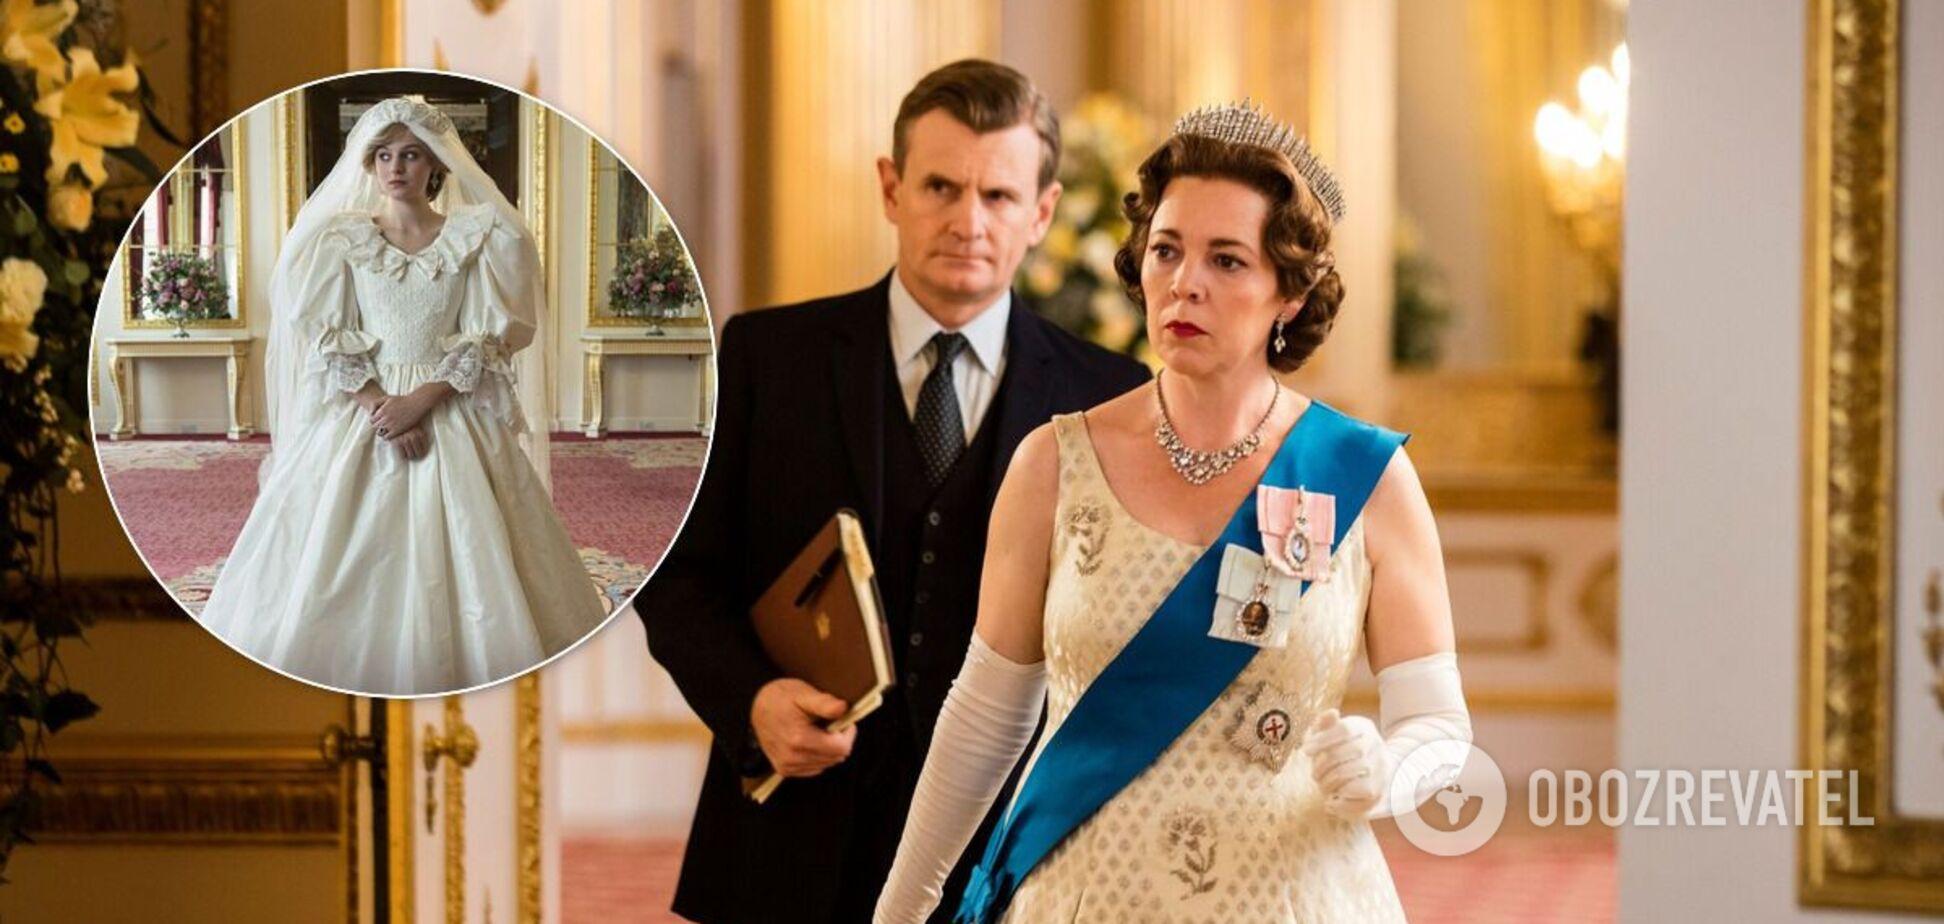 Опубліковано повний трейлер четвертого сезону серіалу 'Корона'